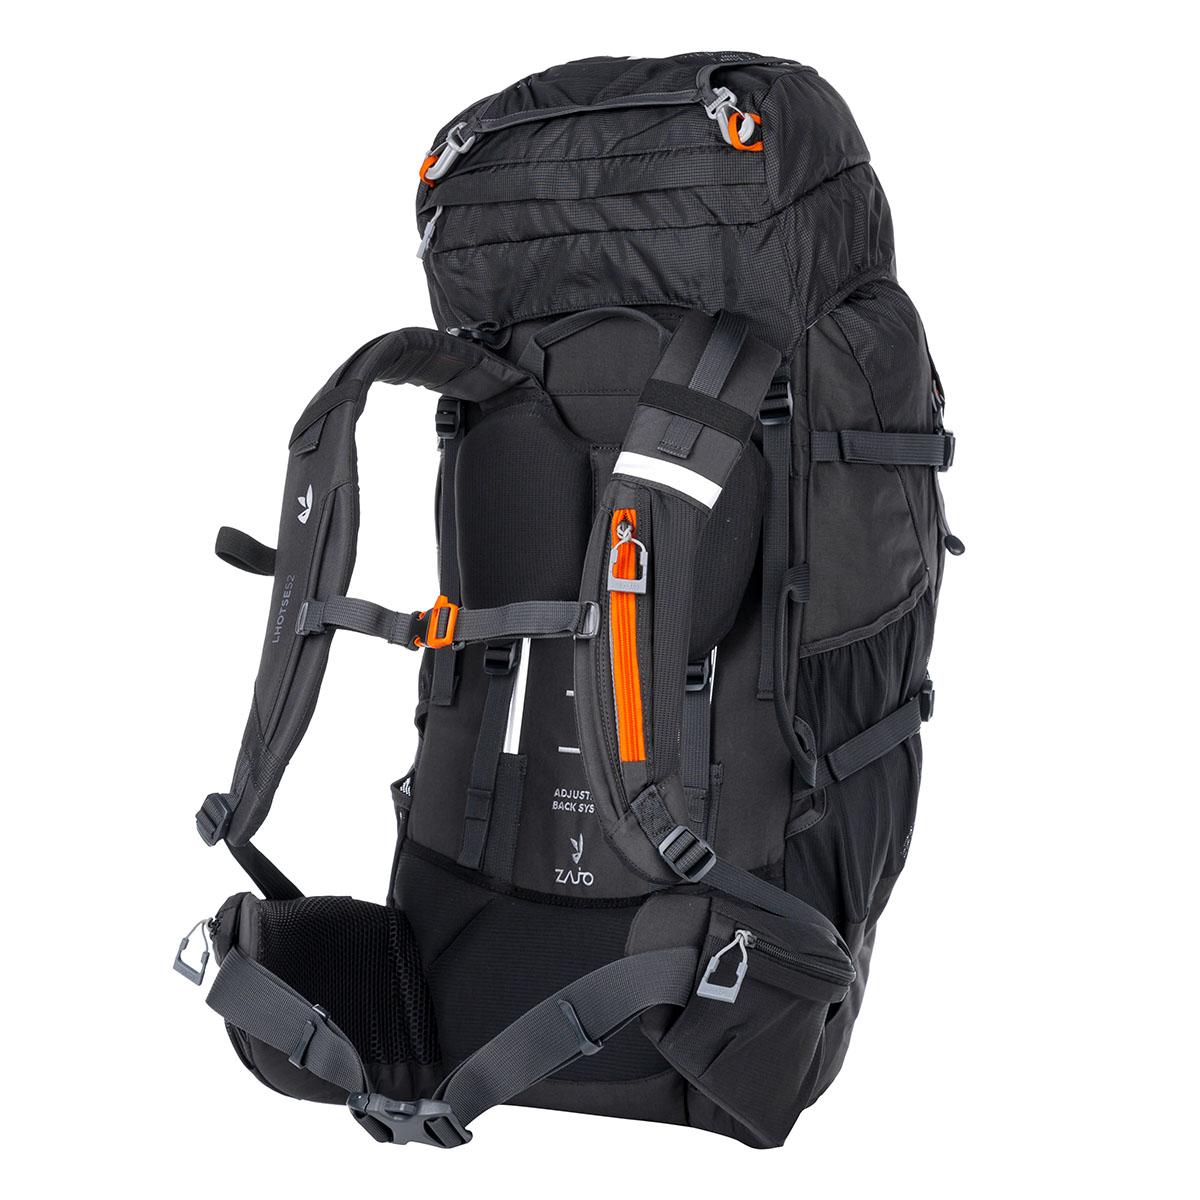 Lhotse 52 Backpack 5